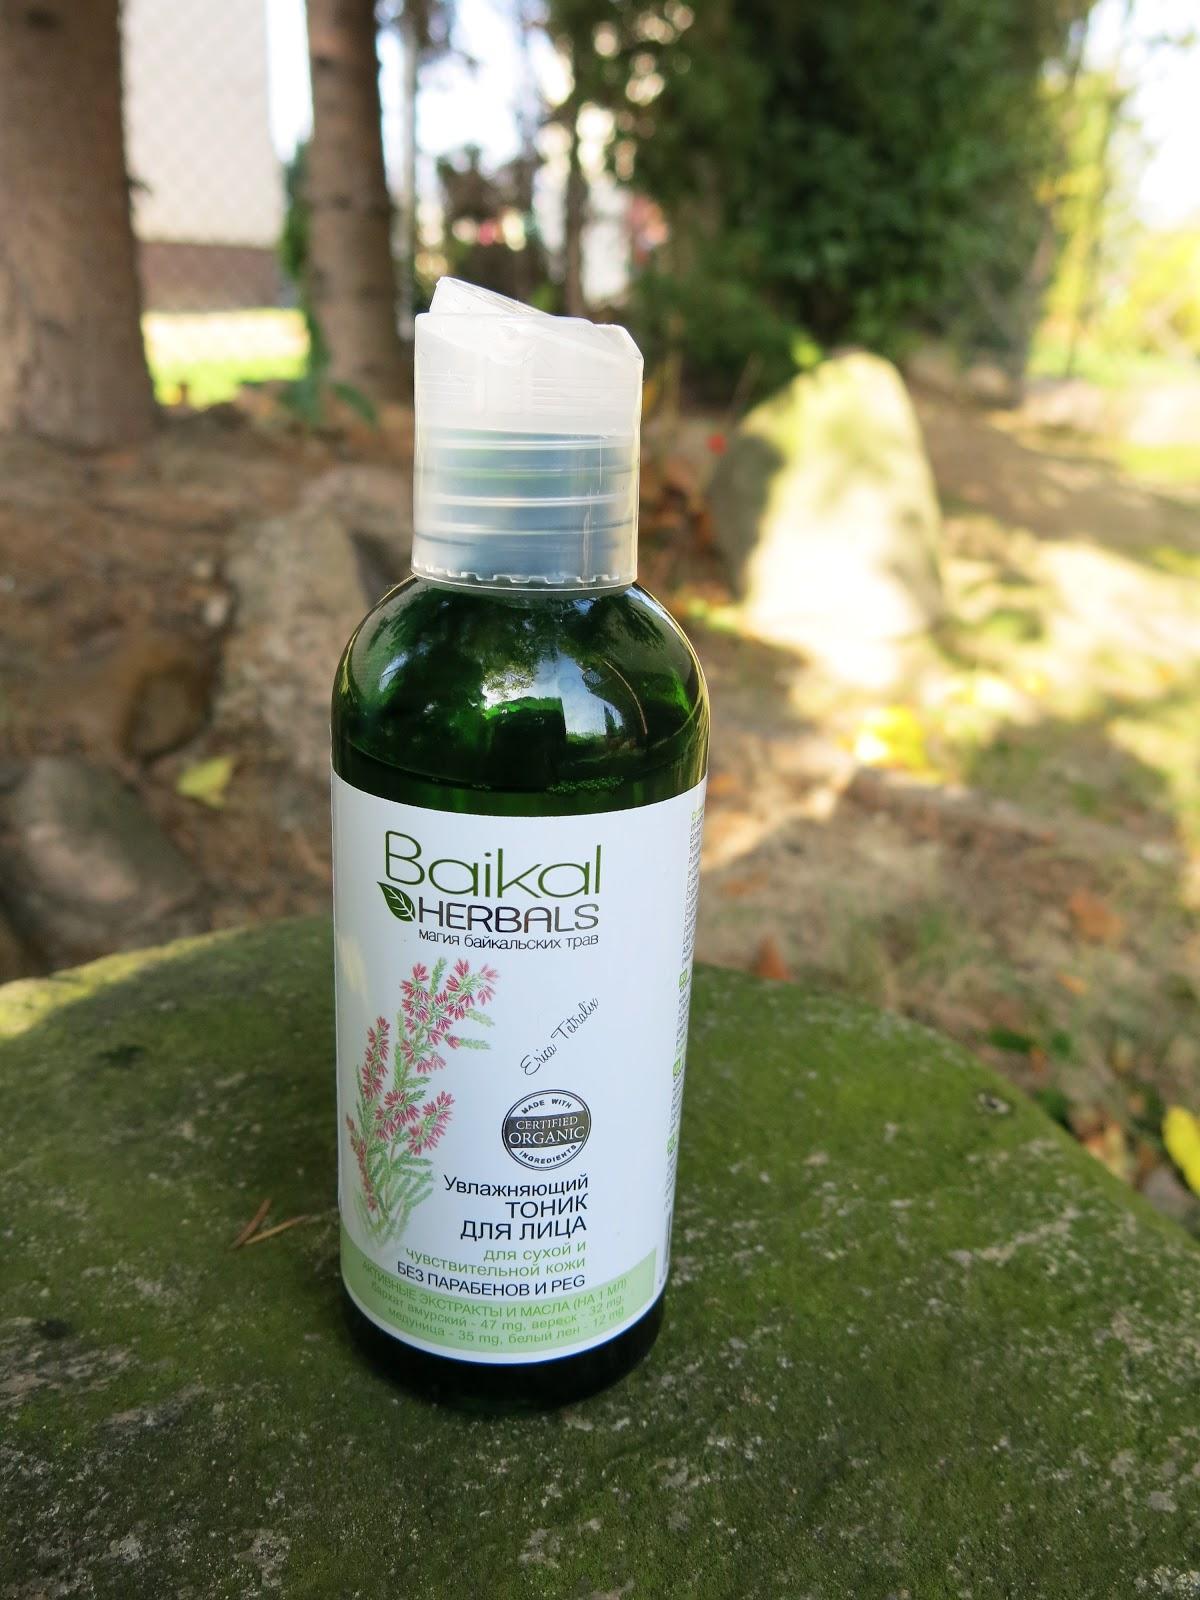 Baikal Herbals - tonik nawilżający do twarzy.